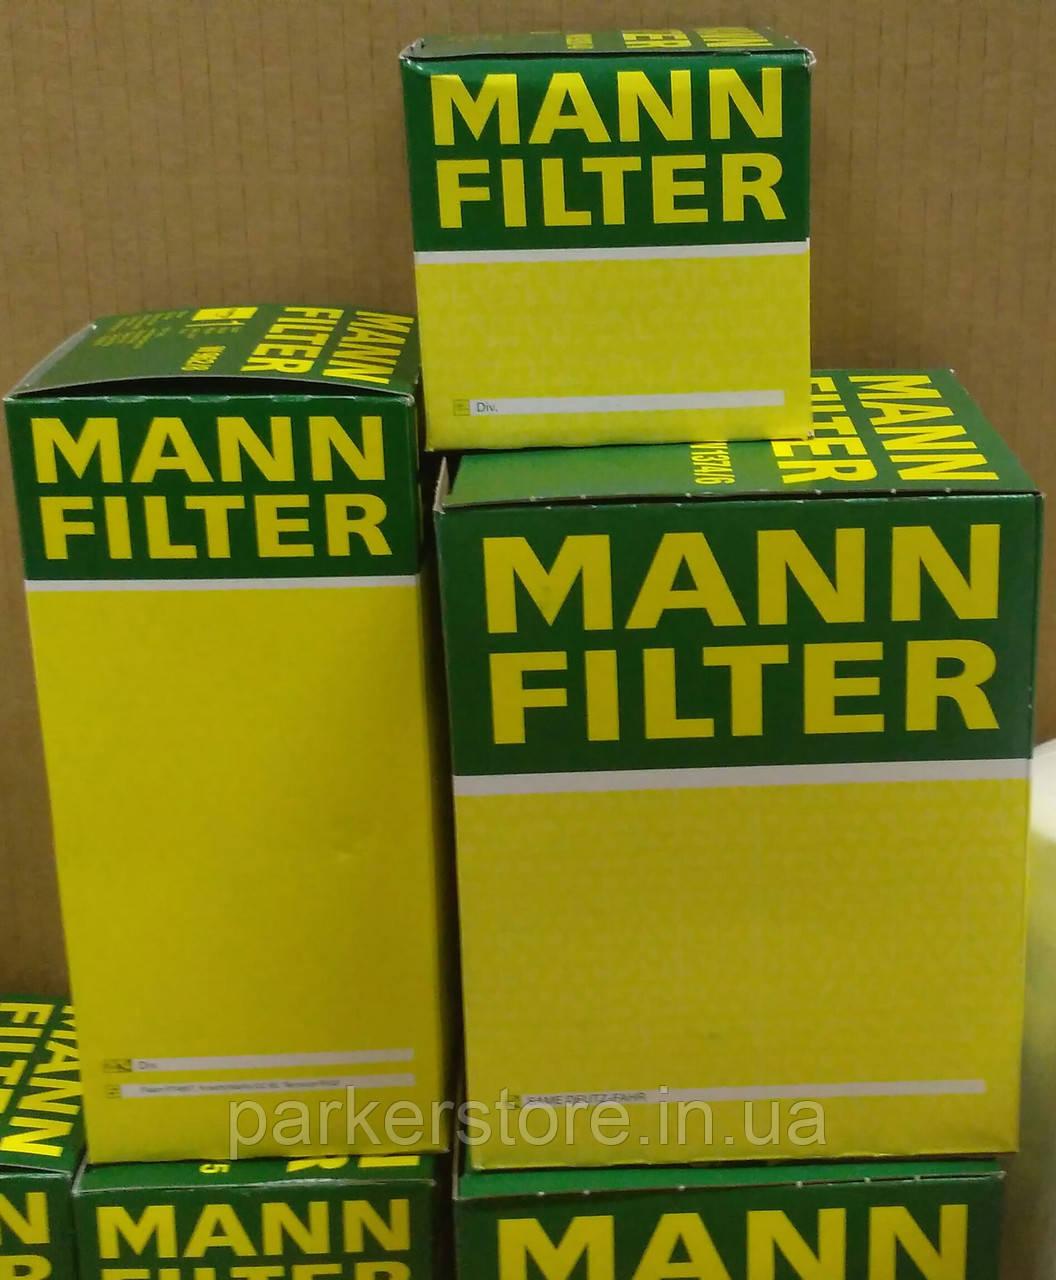 MANN FILTER / Повітряний фільтр / C 27 004 / C27004